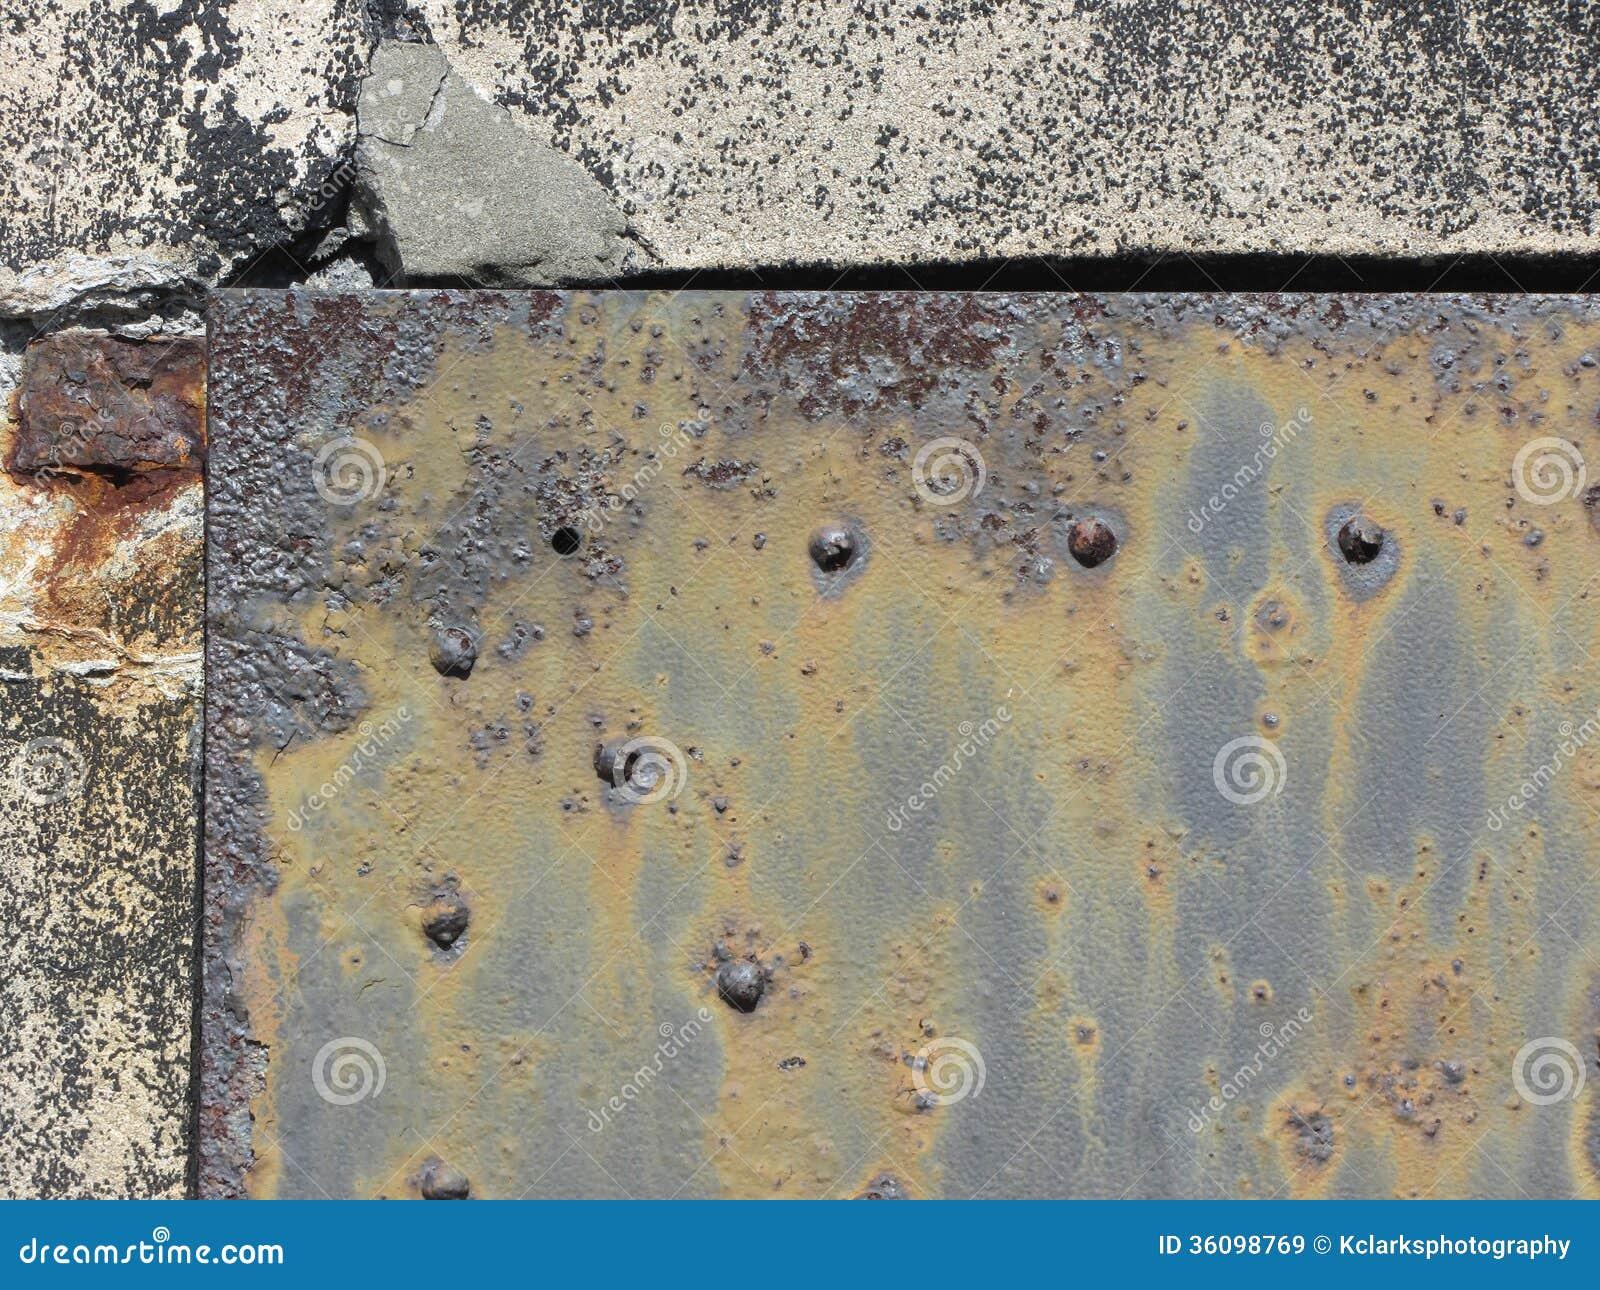 Rusty Metal Door rusty antique metal door texture stock photos - image: 36096793